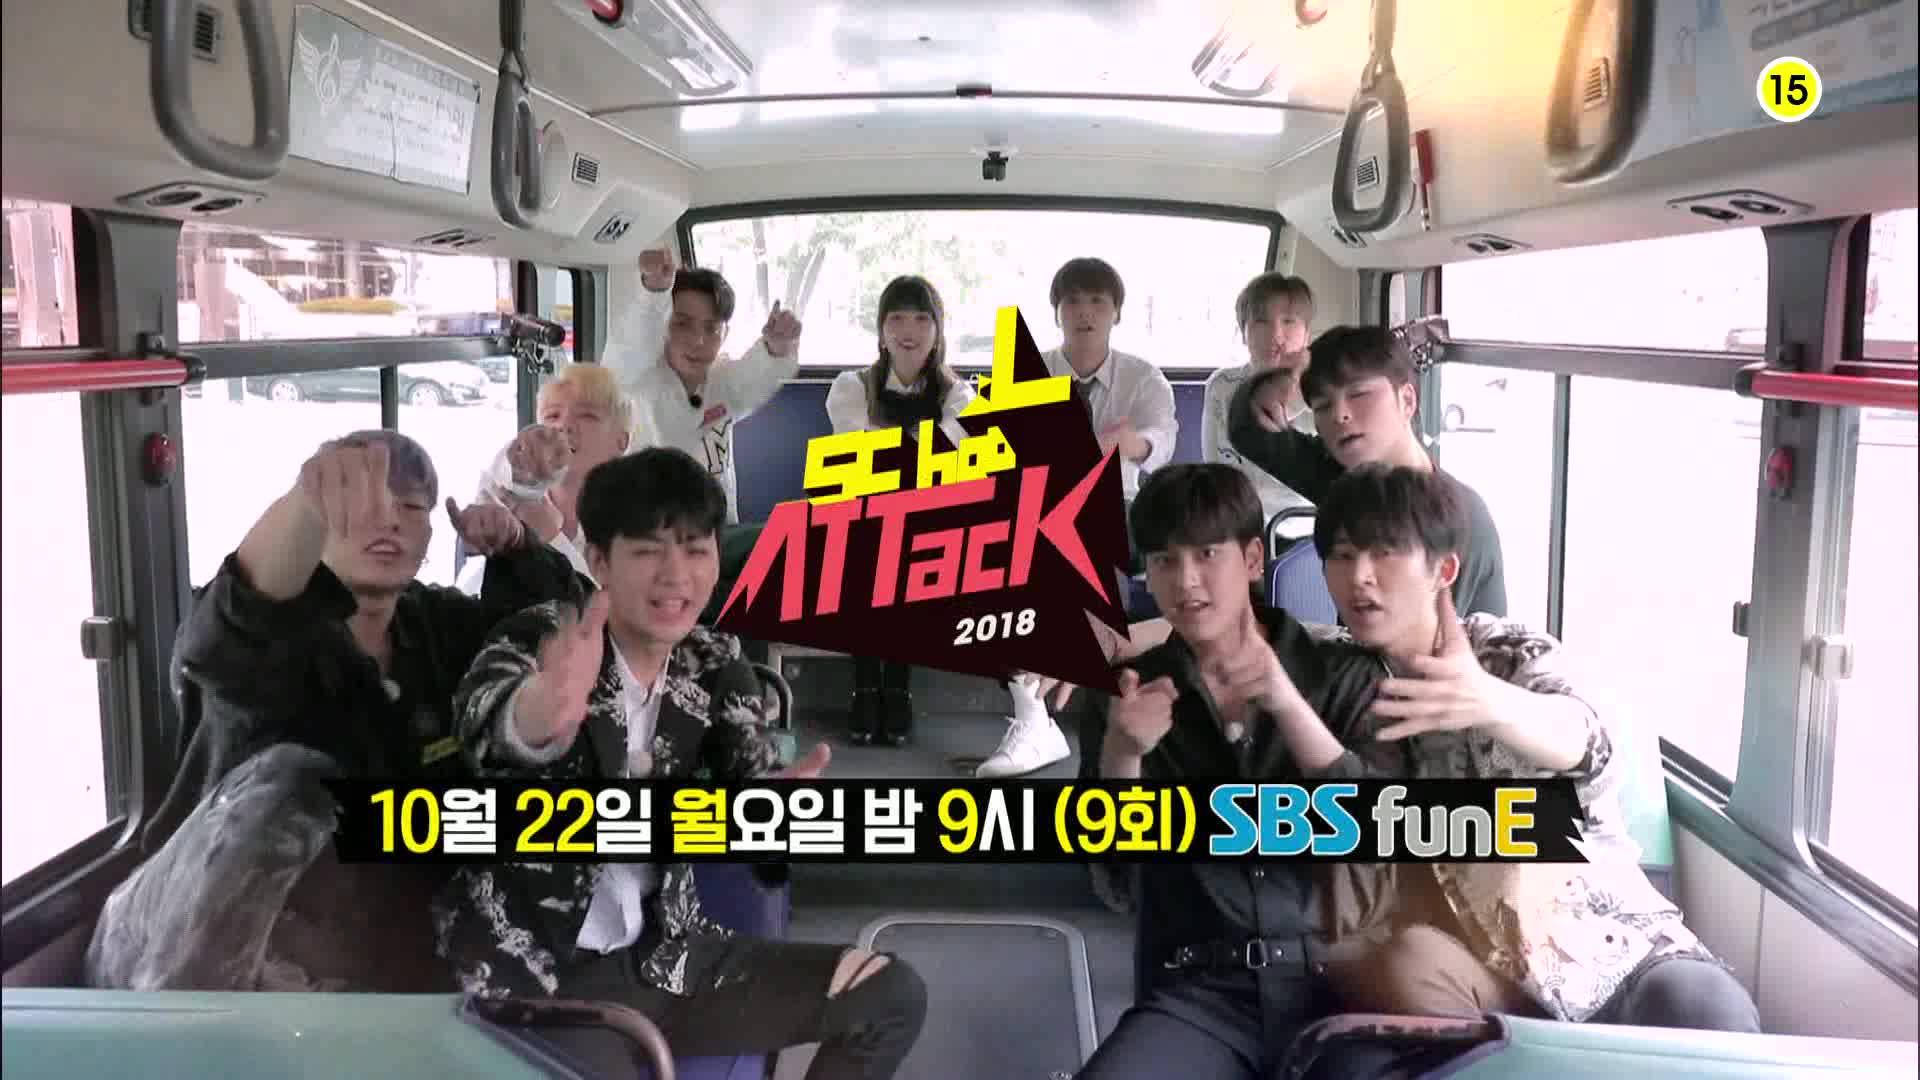 스쿨어택 2018 2학기 첫 주자는 iKON!